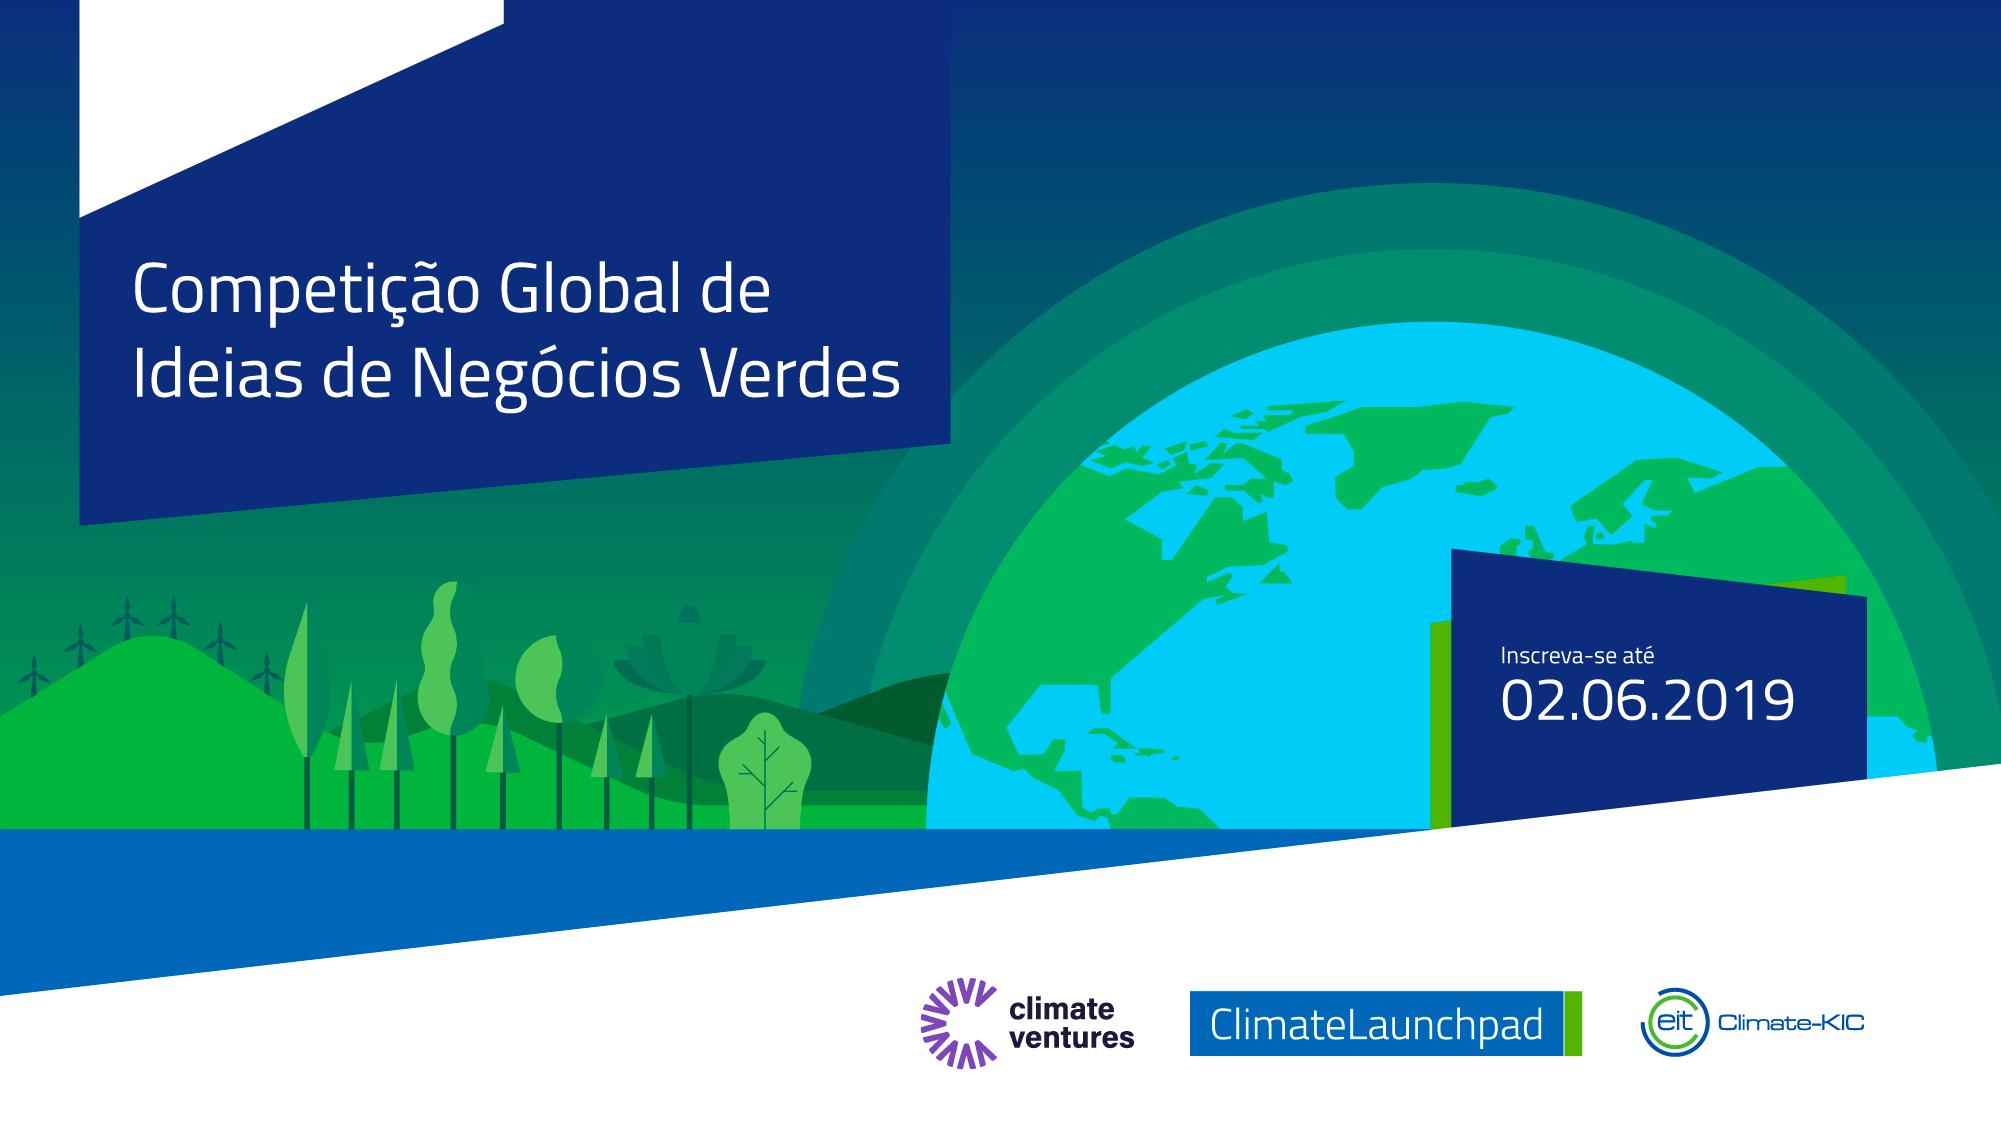 Competição Global de Ideias de Negócios Verdes 2019